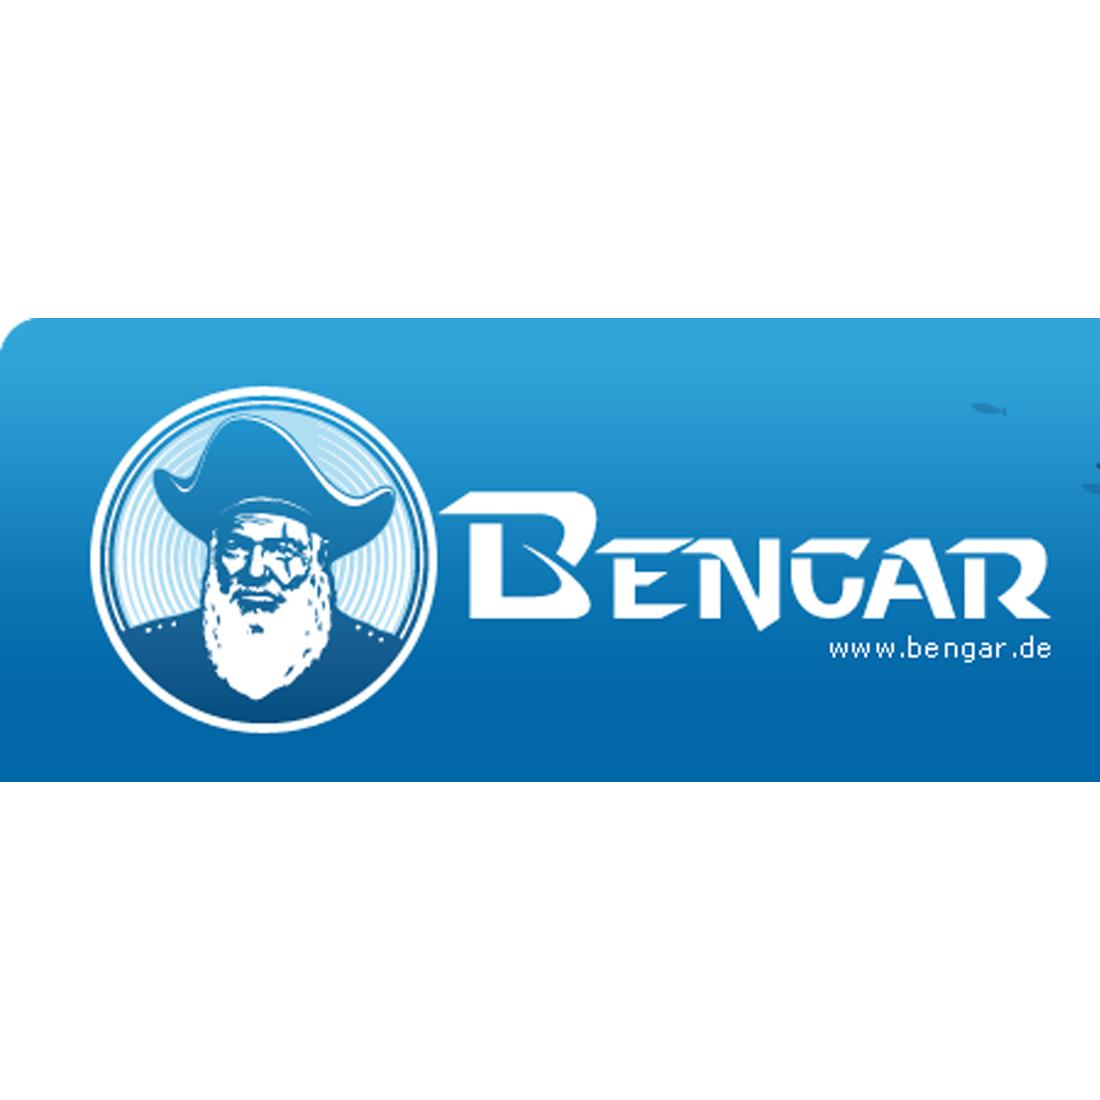 bengar replacement parts